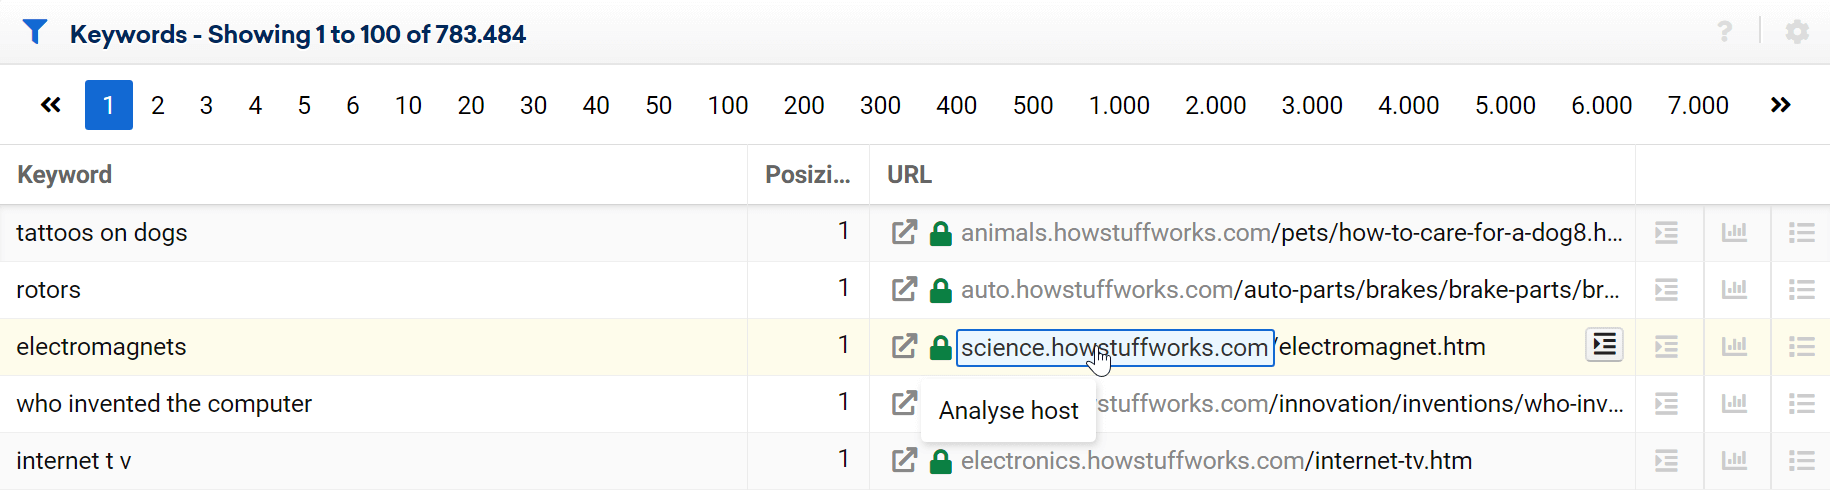 Auswahlmöglichkeit eines Hostnamens in einer Keyword-Tabelle. In diesem Beispiel wird nur der Host-Teil der URL angewählt.